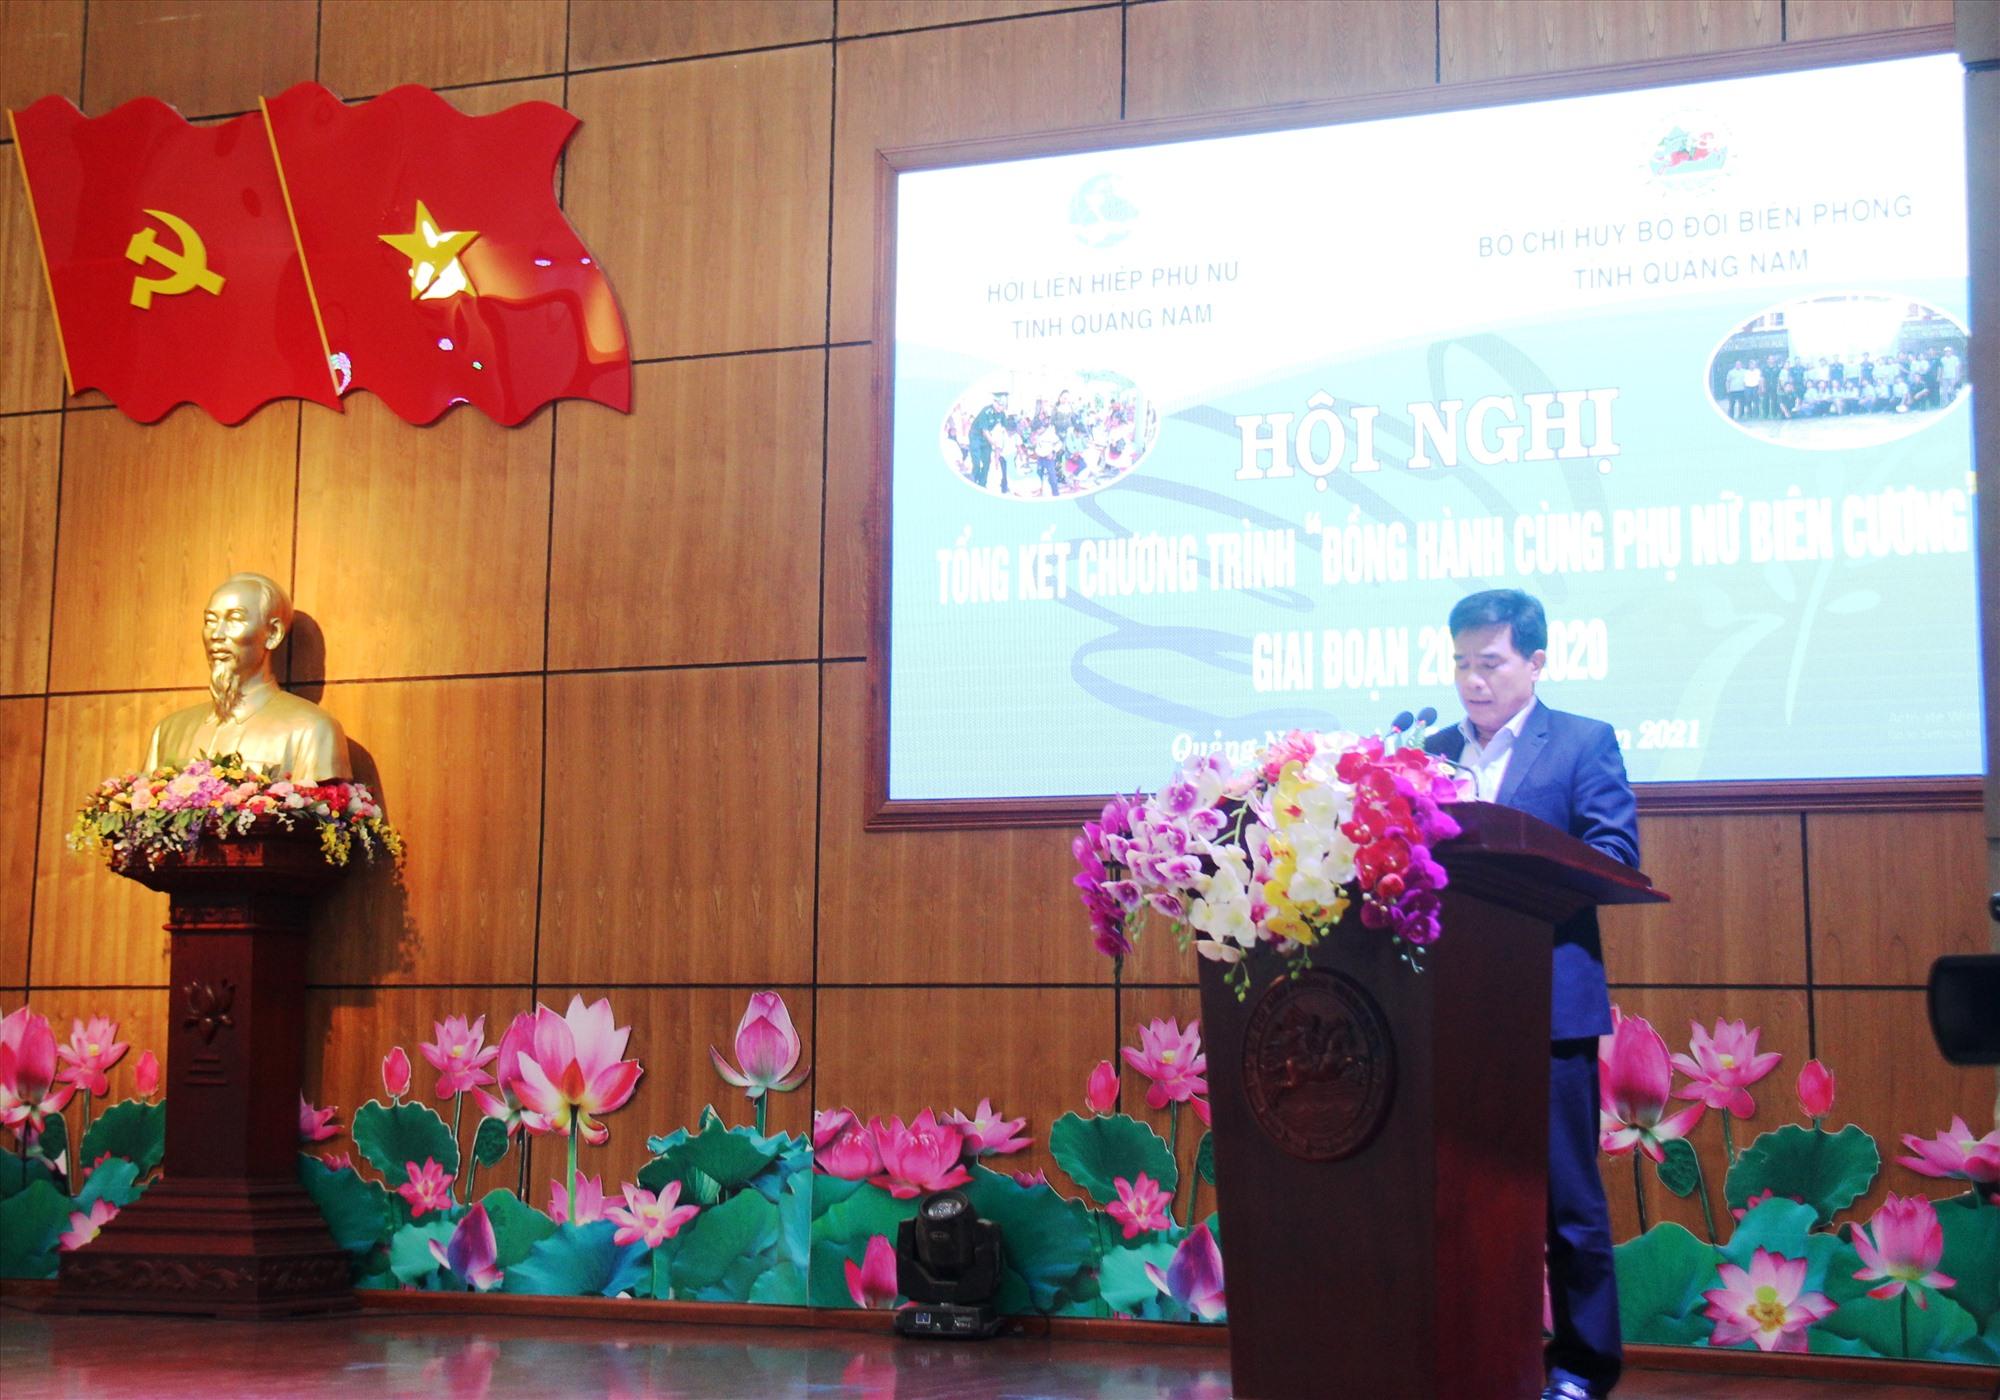 Phó Bí thư Thường trực Tỉnh ủy - Lê Văn Dũng phát biểu tại hội nghị. Ảnh: HOÀNG LIÊN